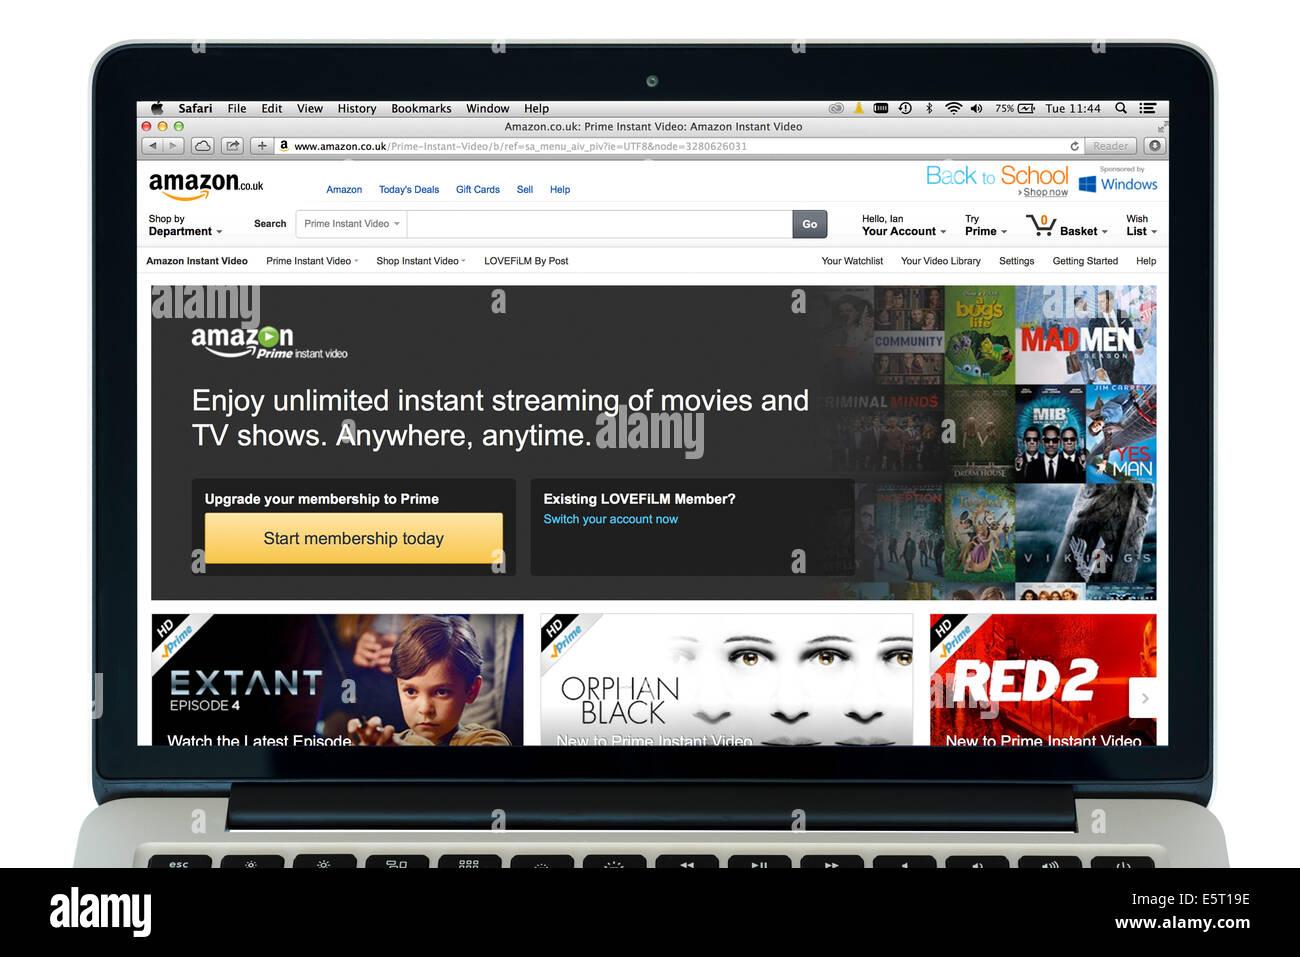 Premier Amazon Instant Video (anciennement LoveFilm Instant), vue sur un 13' Apple MacBook Pro avec écran Photo Stock